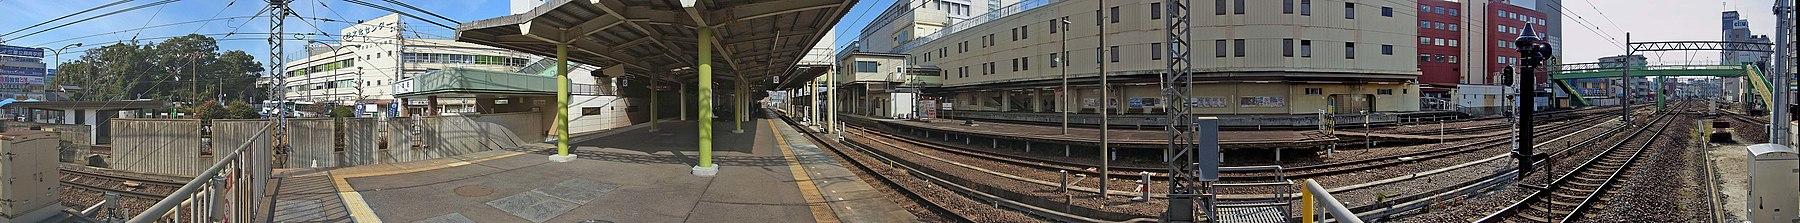 Kintetsu Tsu station , 近鉄 津駅 - panoramio.jpg